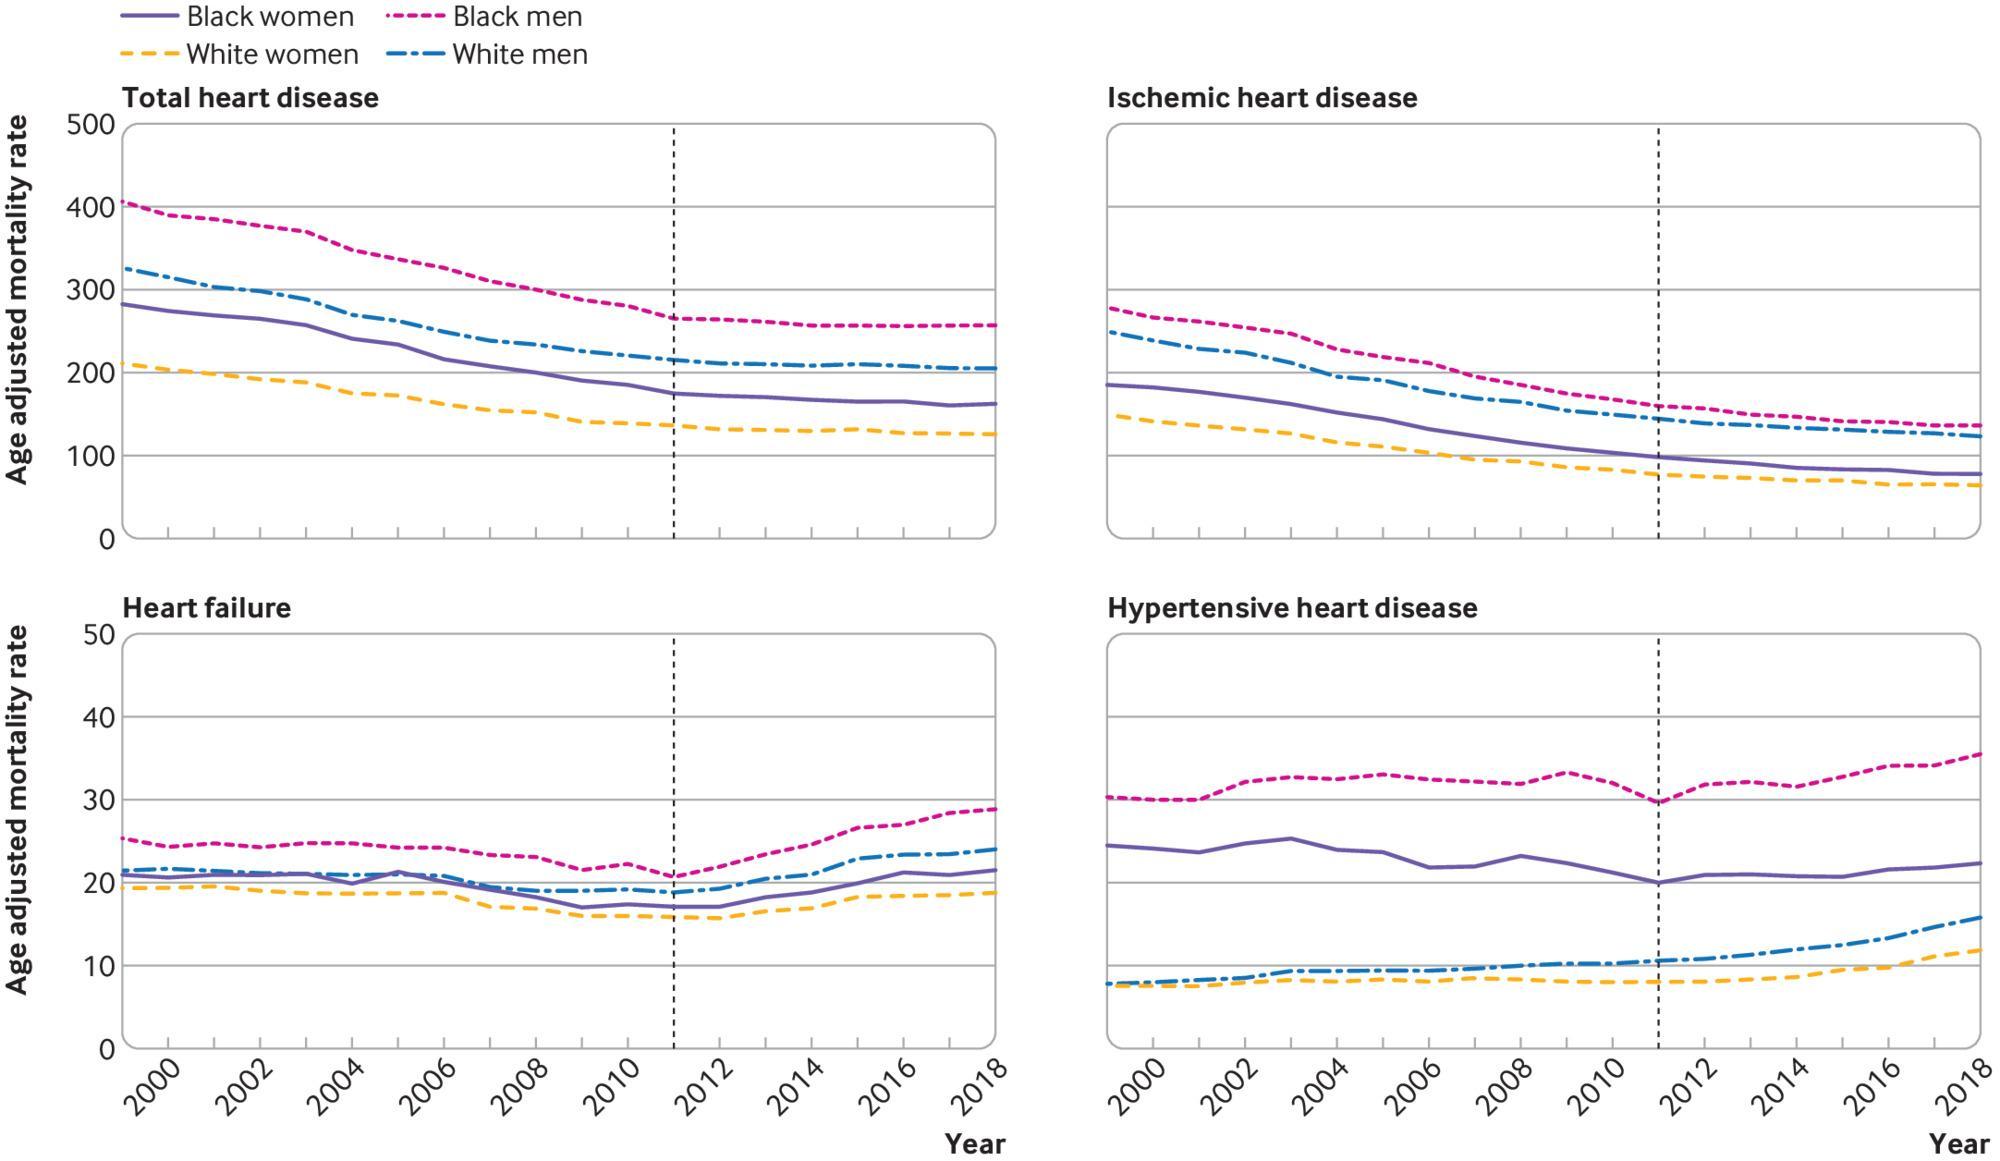 心疾患の種類別の年齢調整死亡率